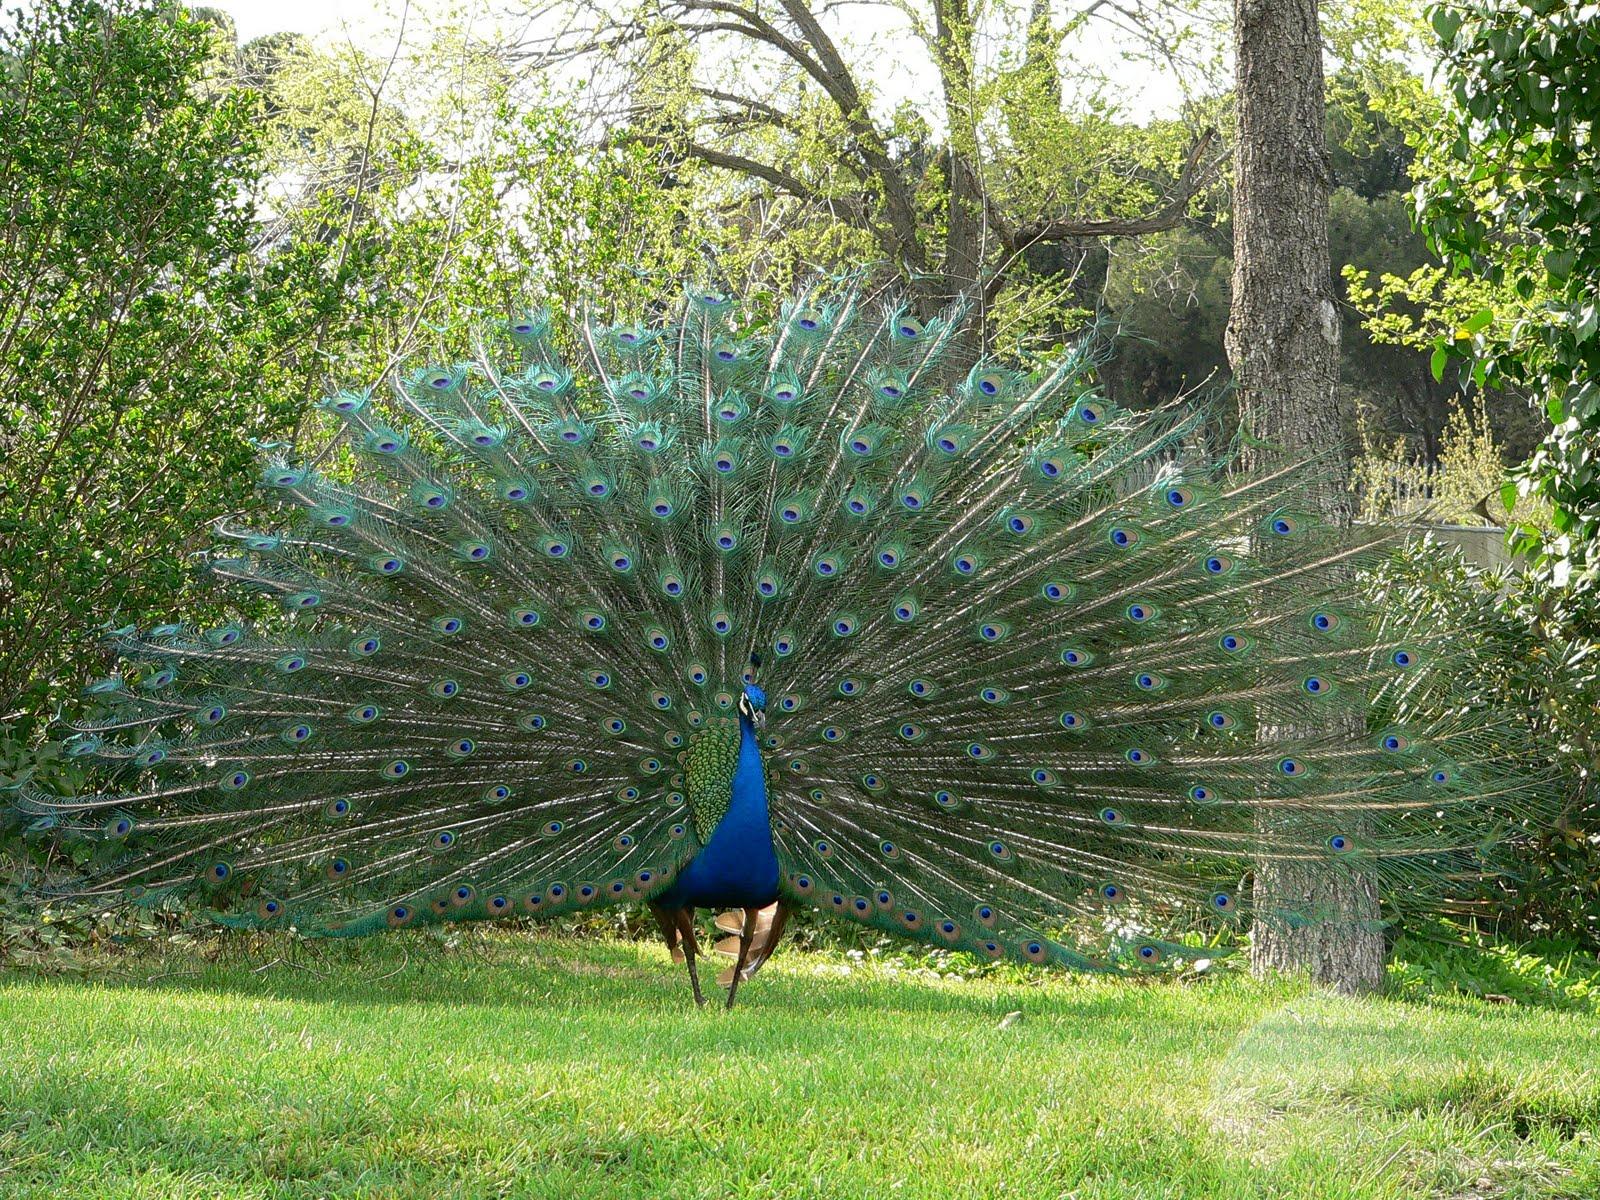 Im genes del mundo animal pavo real - Fotos de un pavo real ...